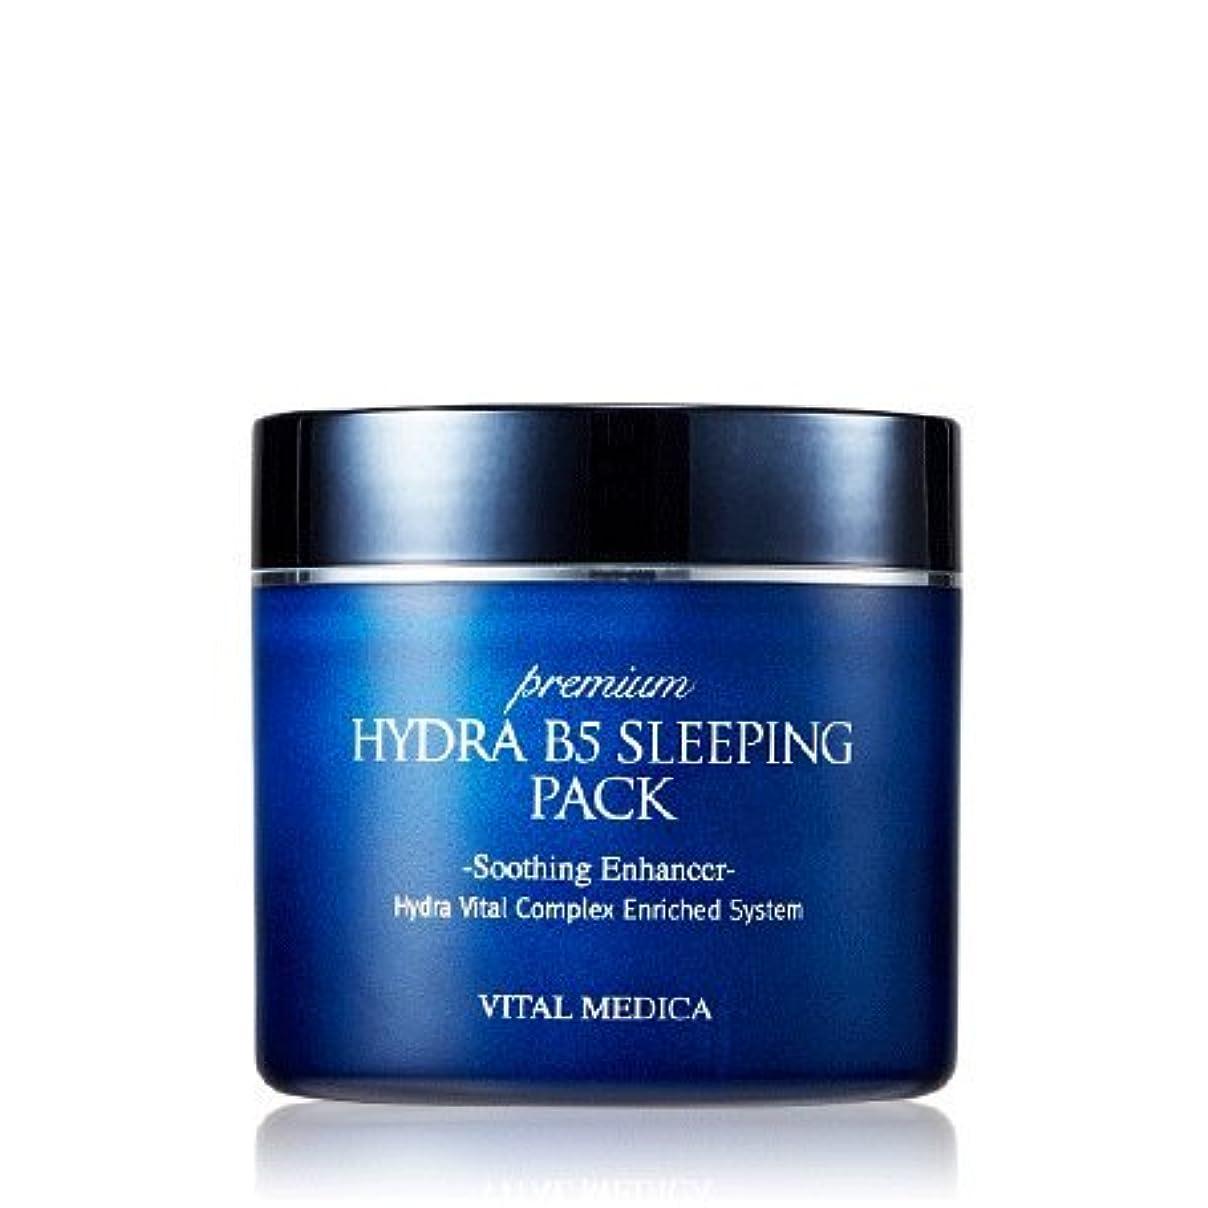 忠実に逸脱組立A.H.C (AHC) Premium Hydra B5 Sleeping Pack 100ml/A.H.C プレミアム ハイドラ B5 スリーピング パック 100ml [並行輸入品]